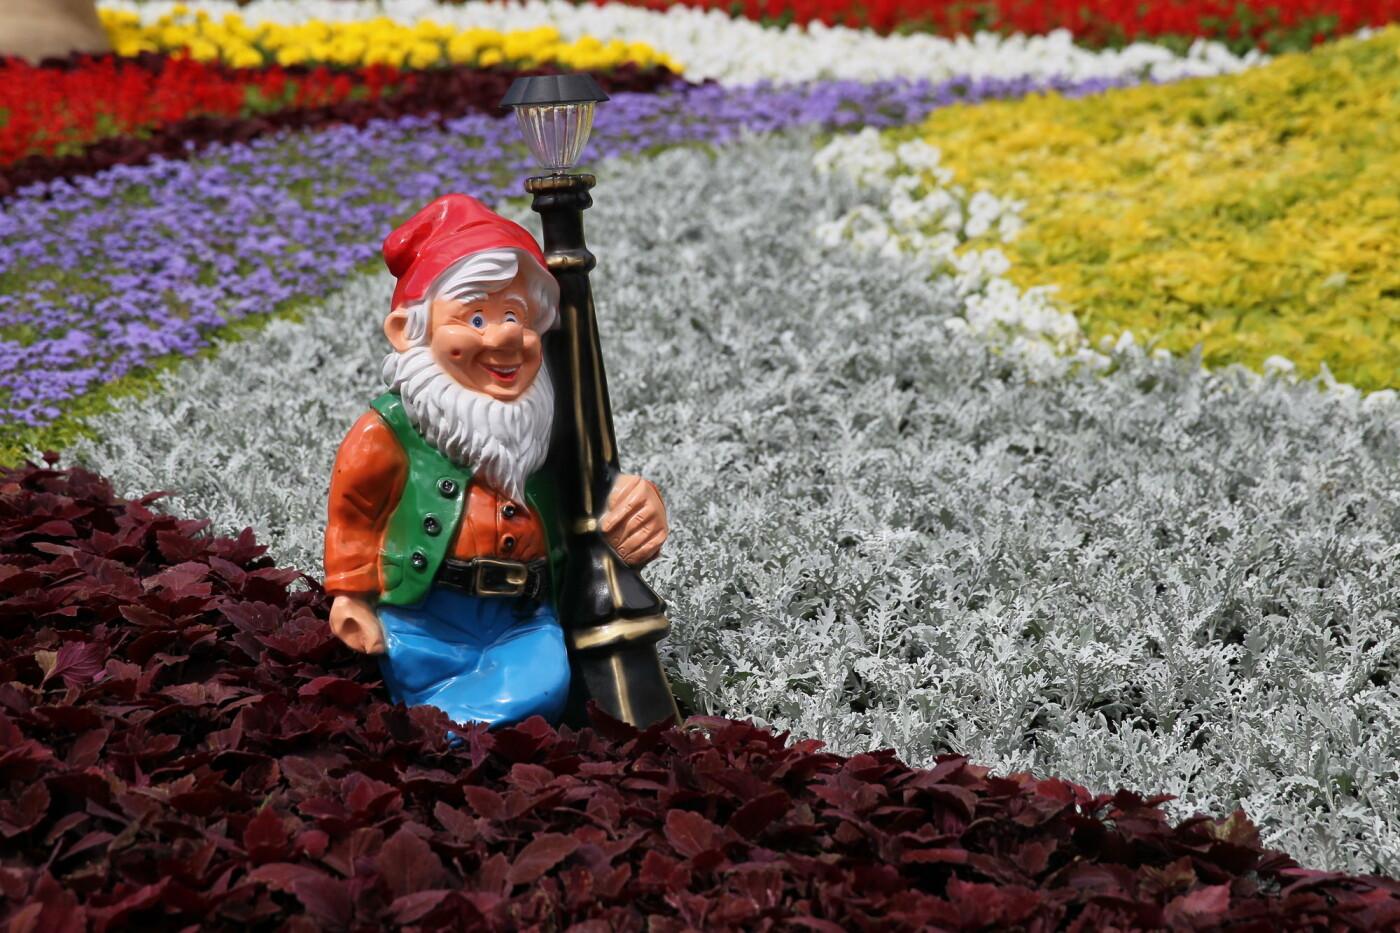 В Киеве на Певческом поле проходит выставка цветов «Мульт-ленд» - ФОТО, фото-7